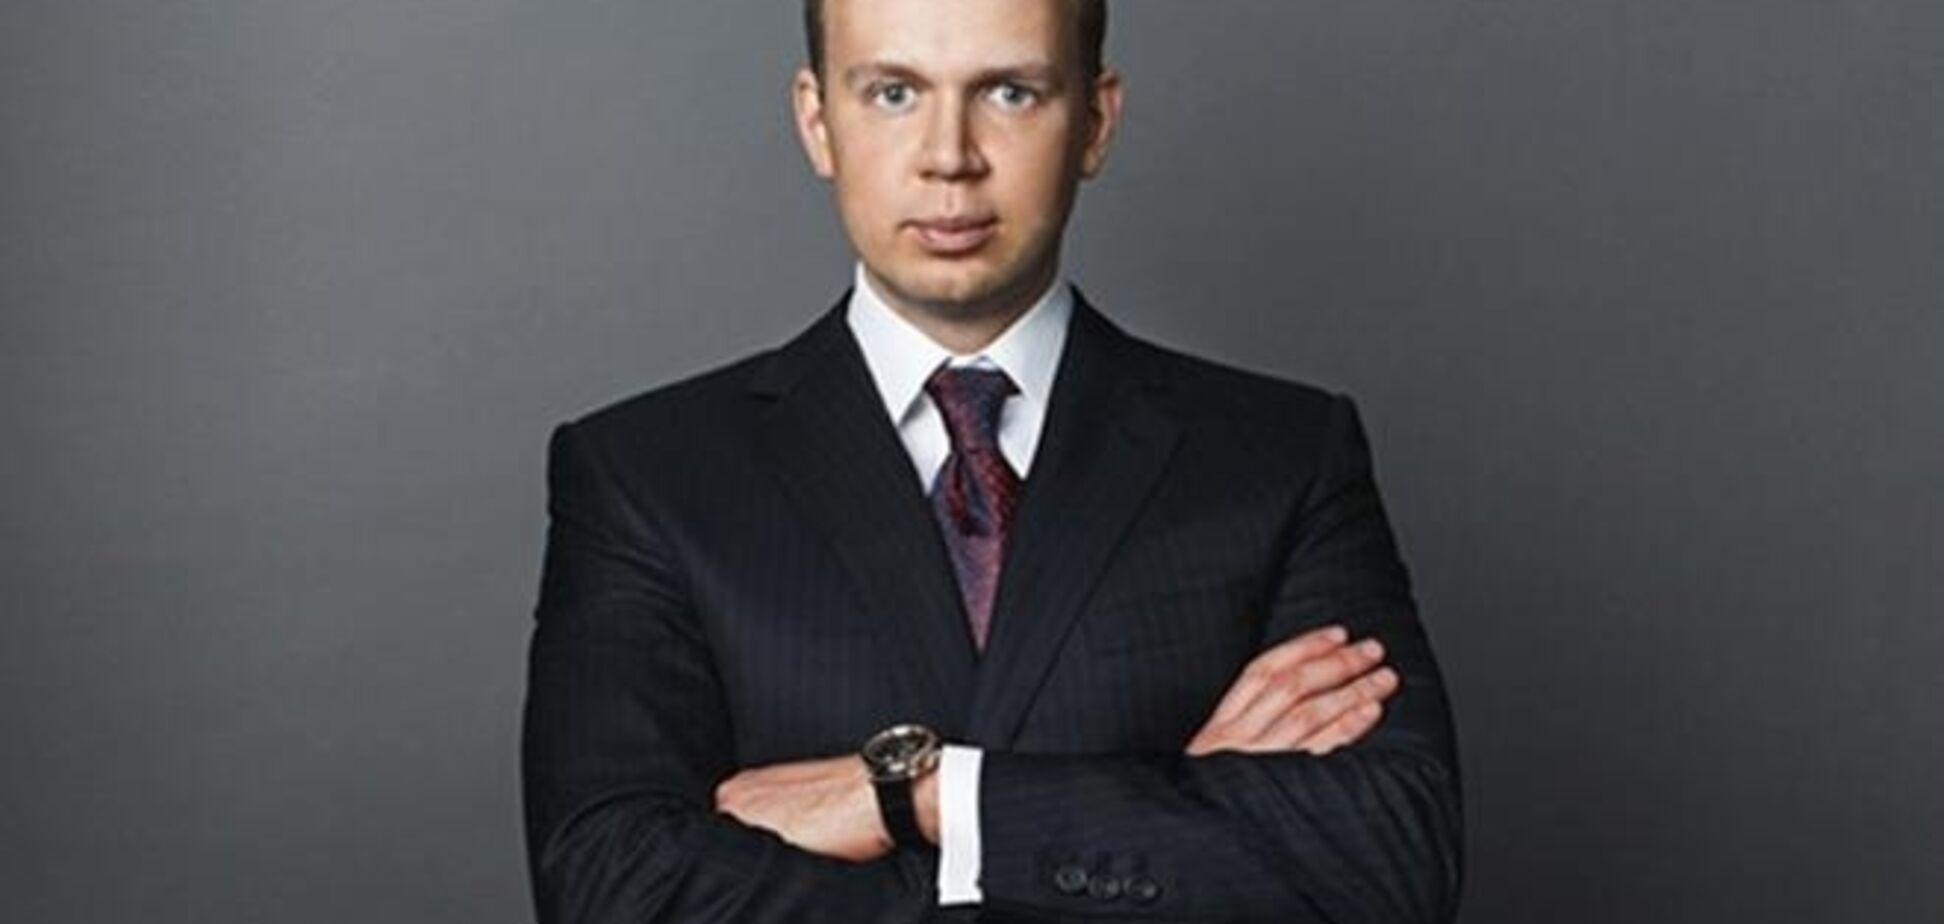 Президент 'Металлиста' Курченко заявил о выплате зарплаты игрокам и персоналу